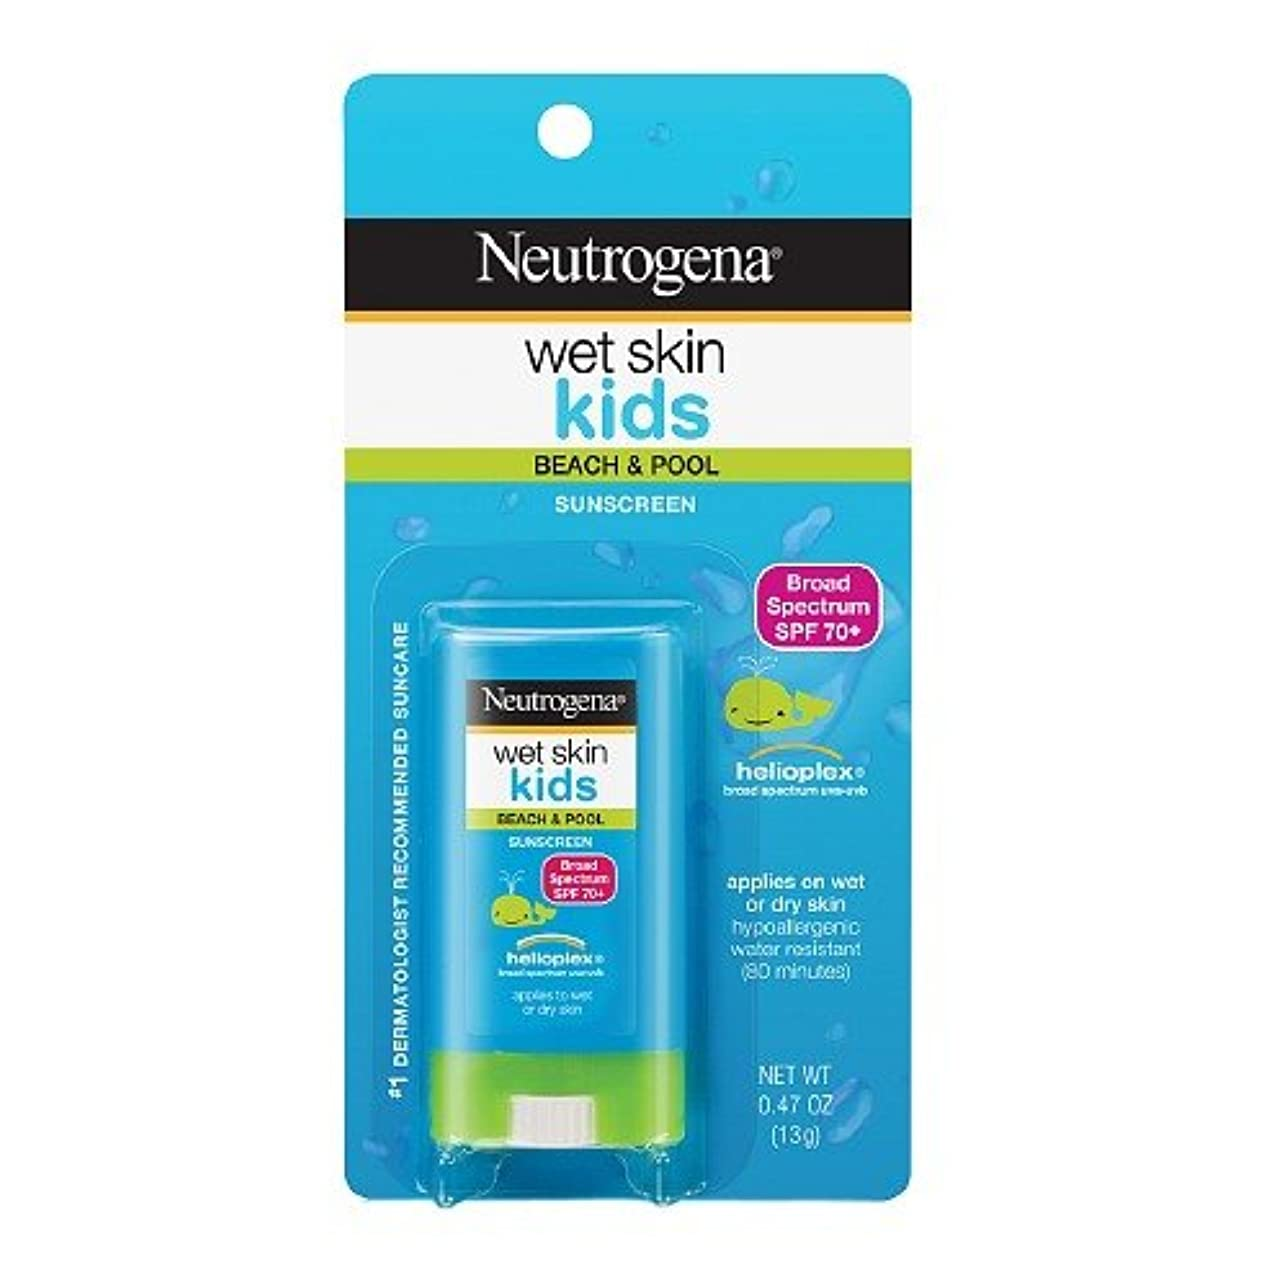 不利お誕生日人類Neutrogena ニュートロジーナオイル無ウェットスキンキッズ日焼け止めスティック SPF70 13g 並行輸入品